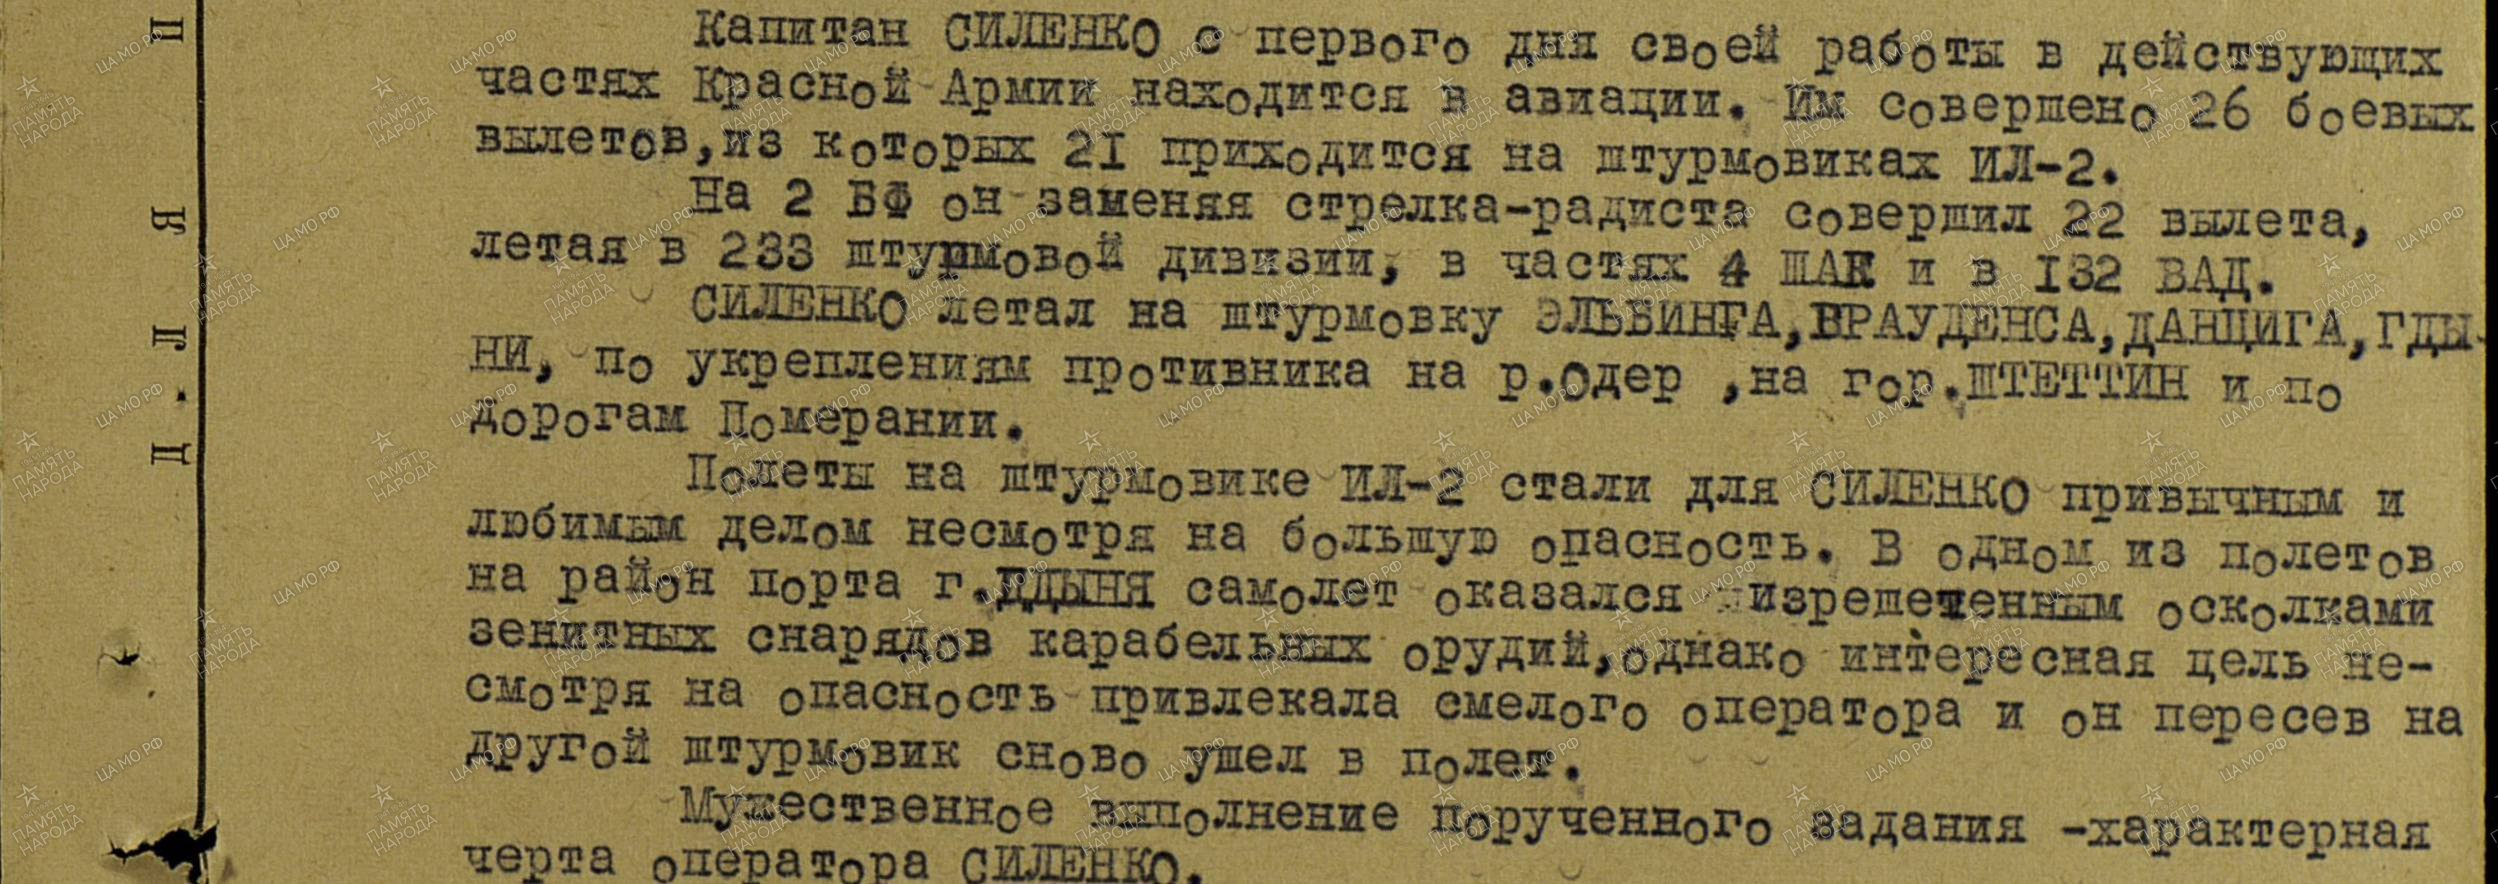 Наградной лист Михаила Силенко